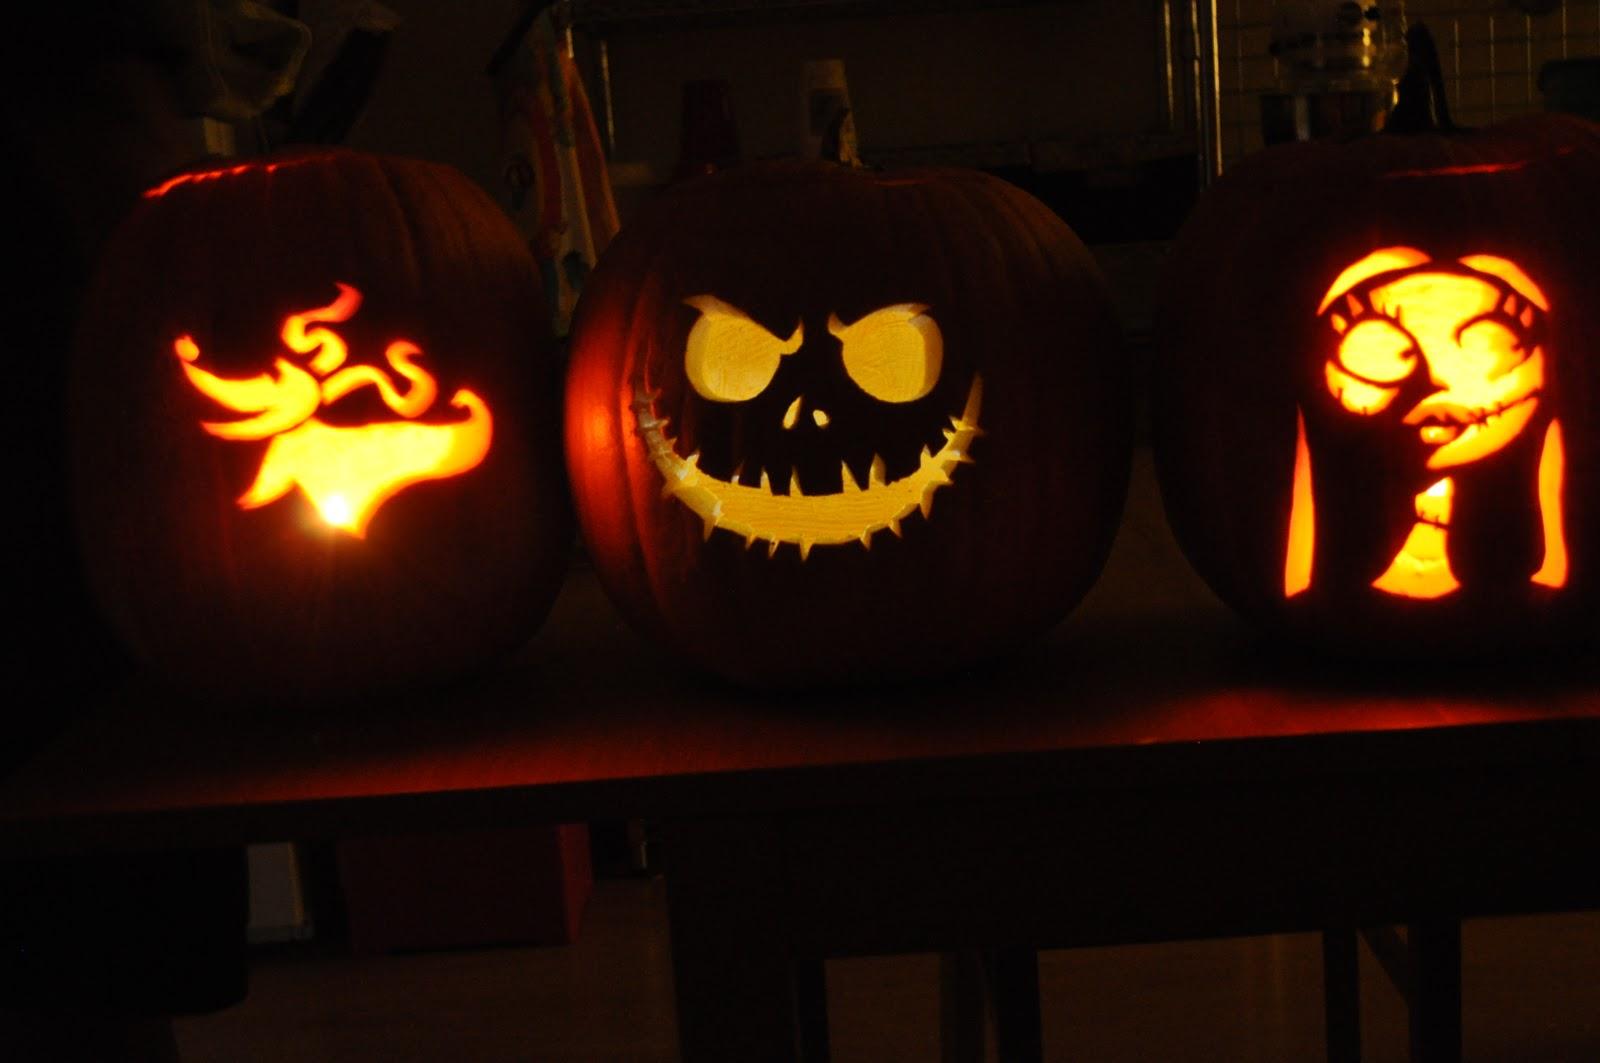 Pictures of Nightmare Before Christmas Zero Pumpkin - kidskunst.info